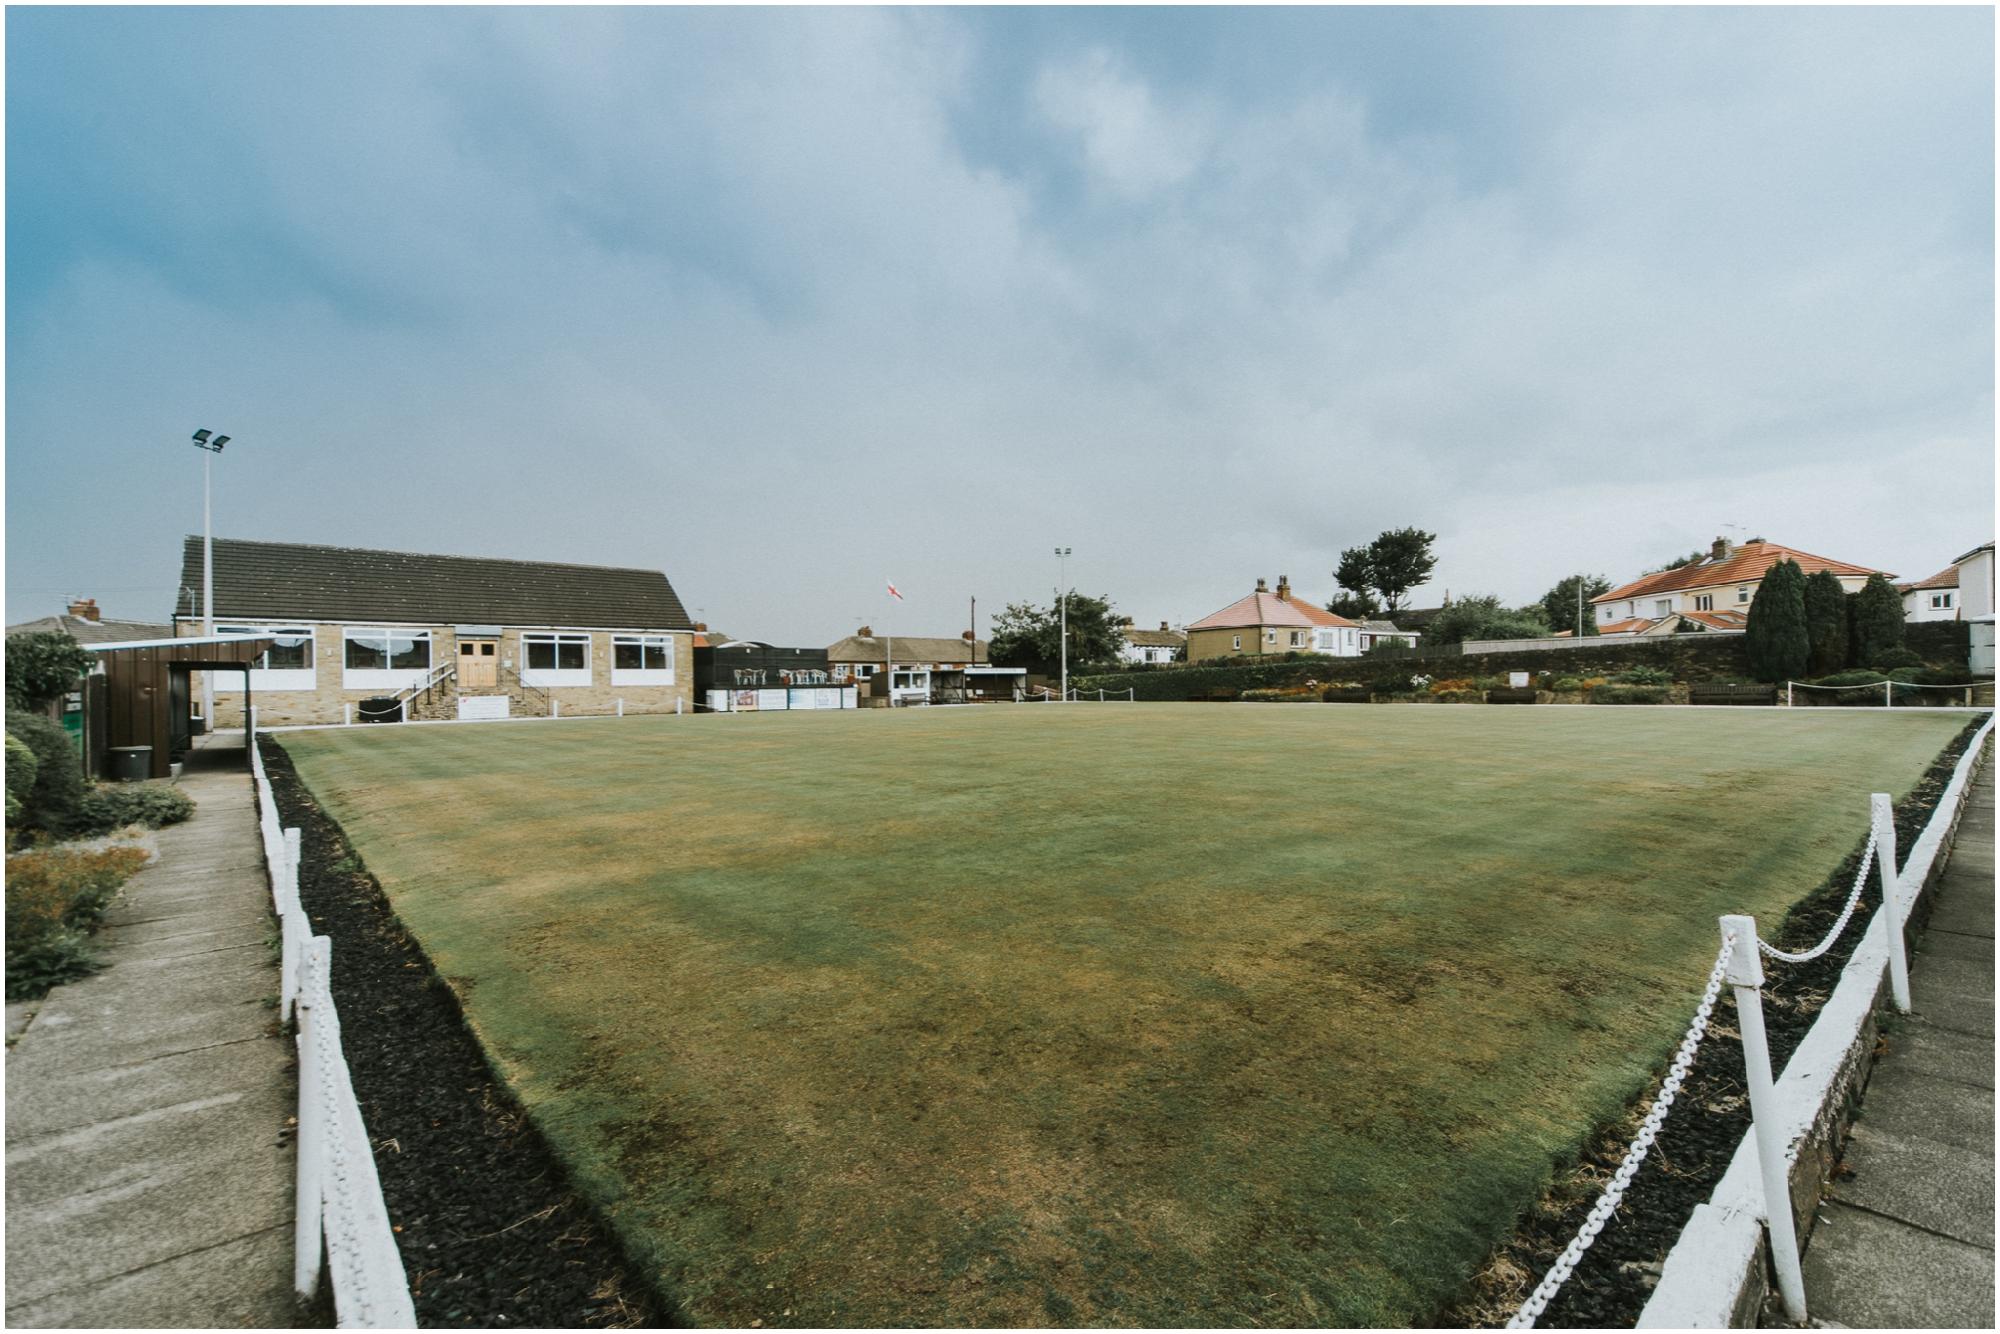 BagdenHallWedding-LukeHolroyd-Yorkshirewedding_0006.jpg